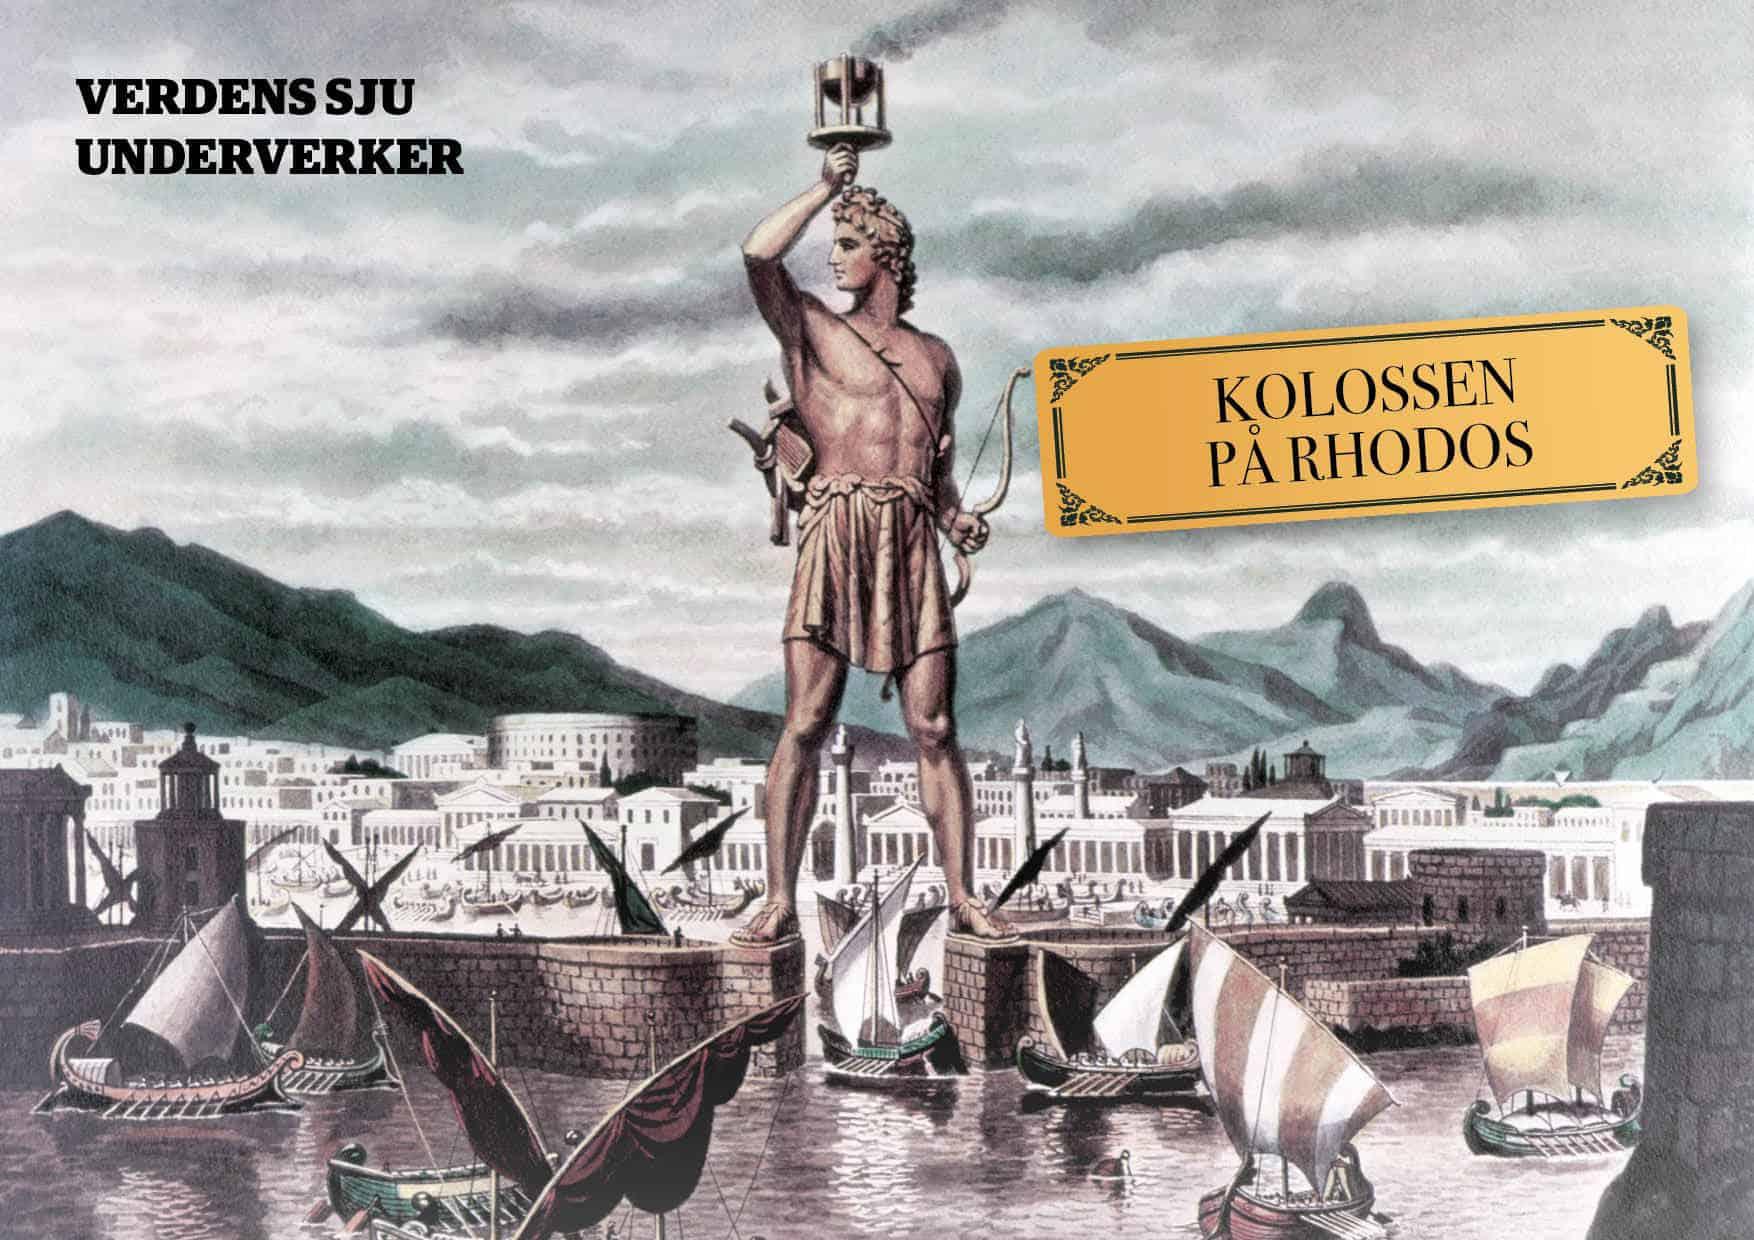 De sju underverker: Kolossen på Rhodos